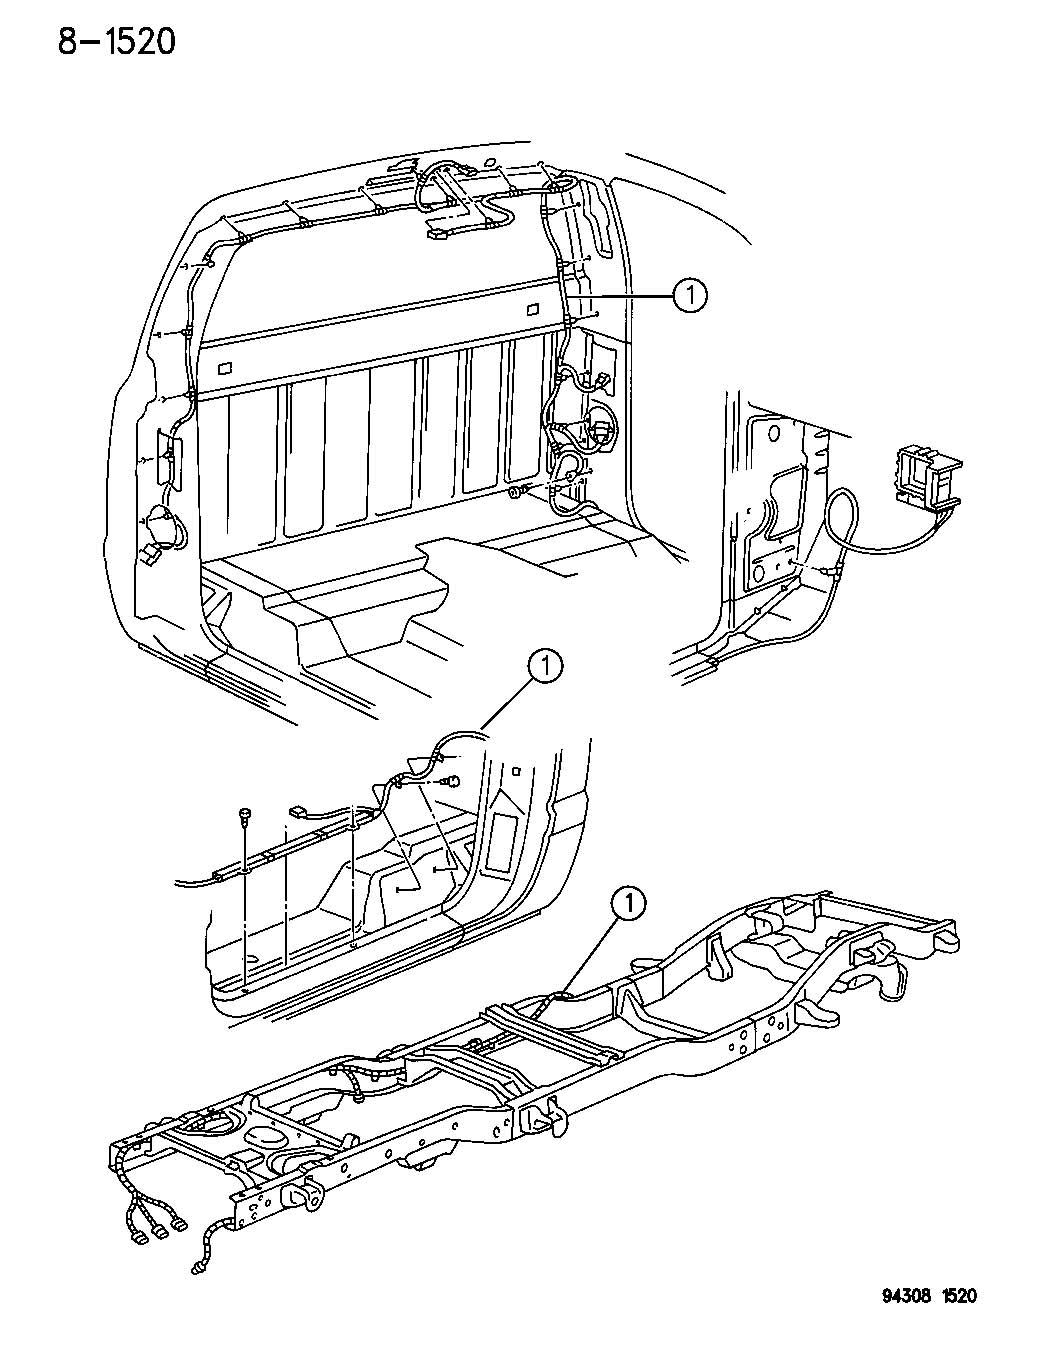 Dodge Ram 1500 Wiring. Air intake heater. Wiring. Air